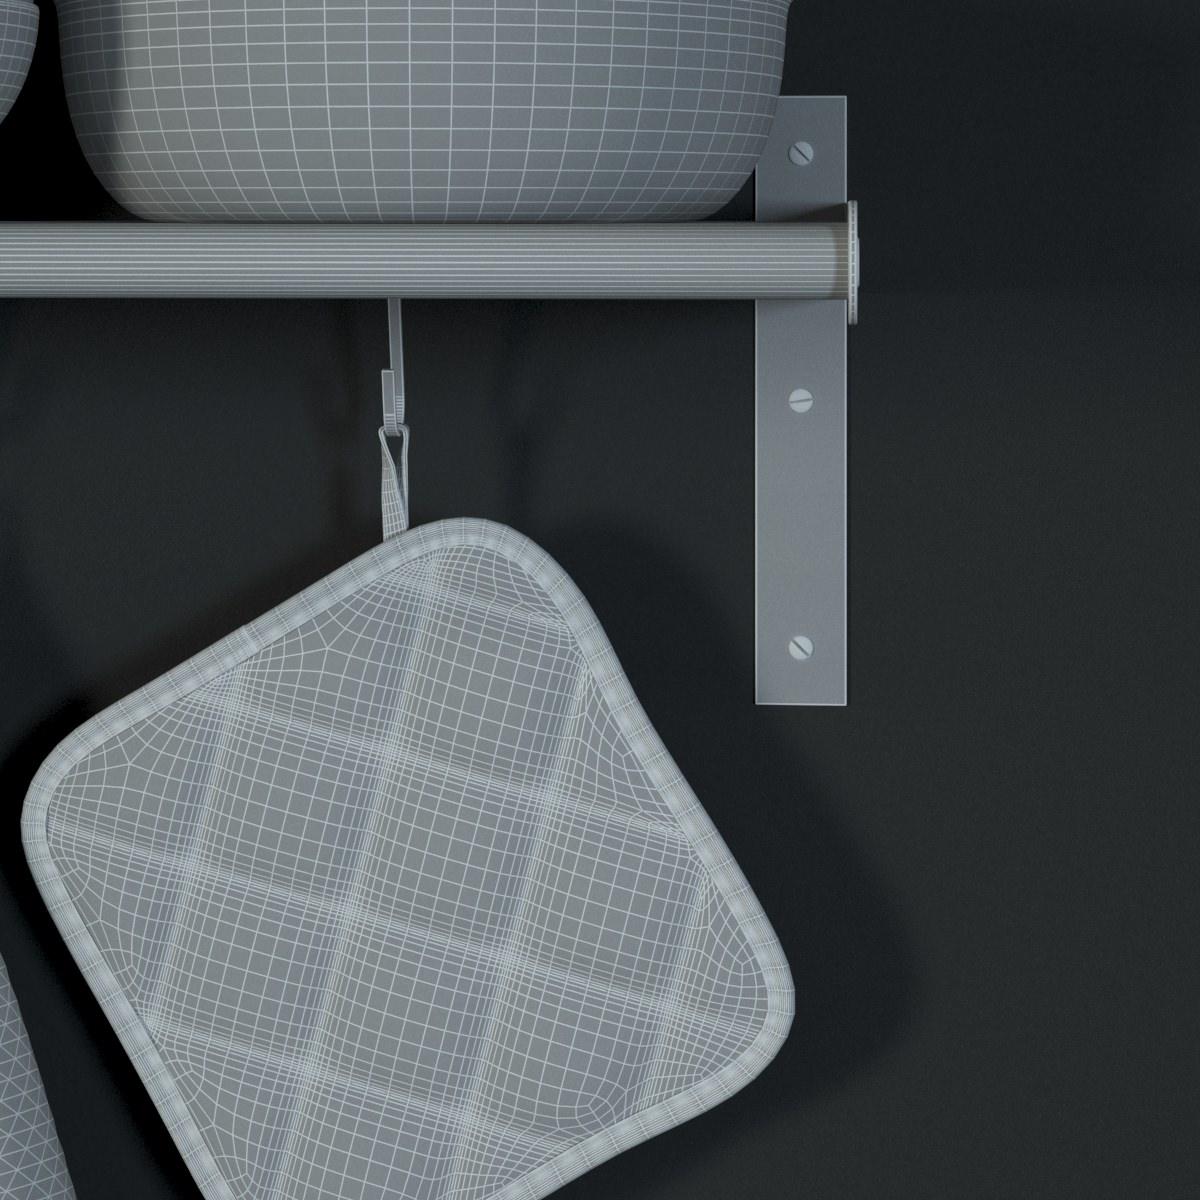 Ikea Variera Door Mounted Storage ~ IKEA Grundtal Wall Shelf 3D Model max  CGTrader com